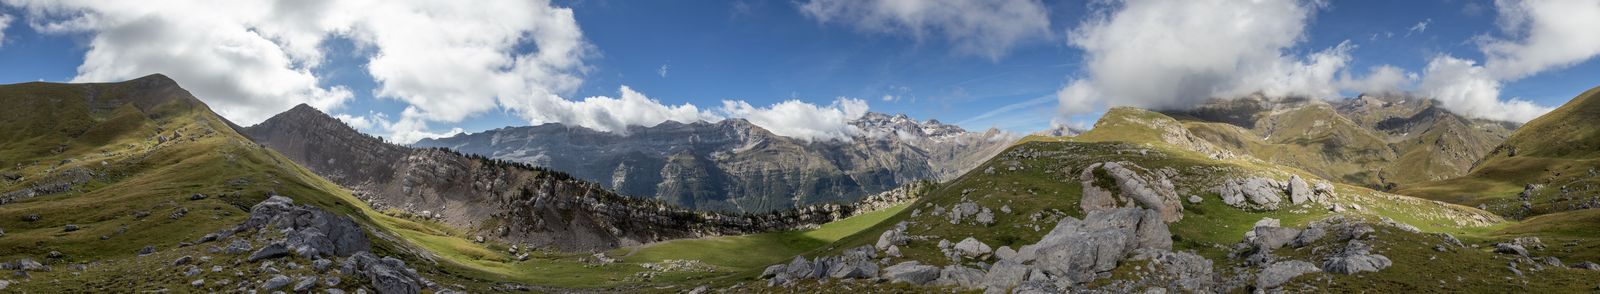 Panorámica con el Monte Perdido oculto tras las nubes